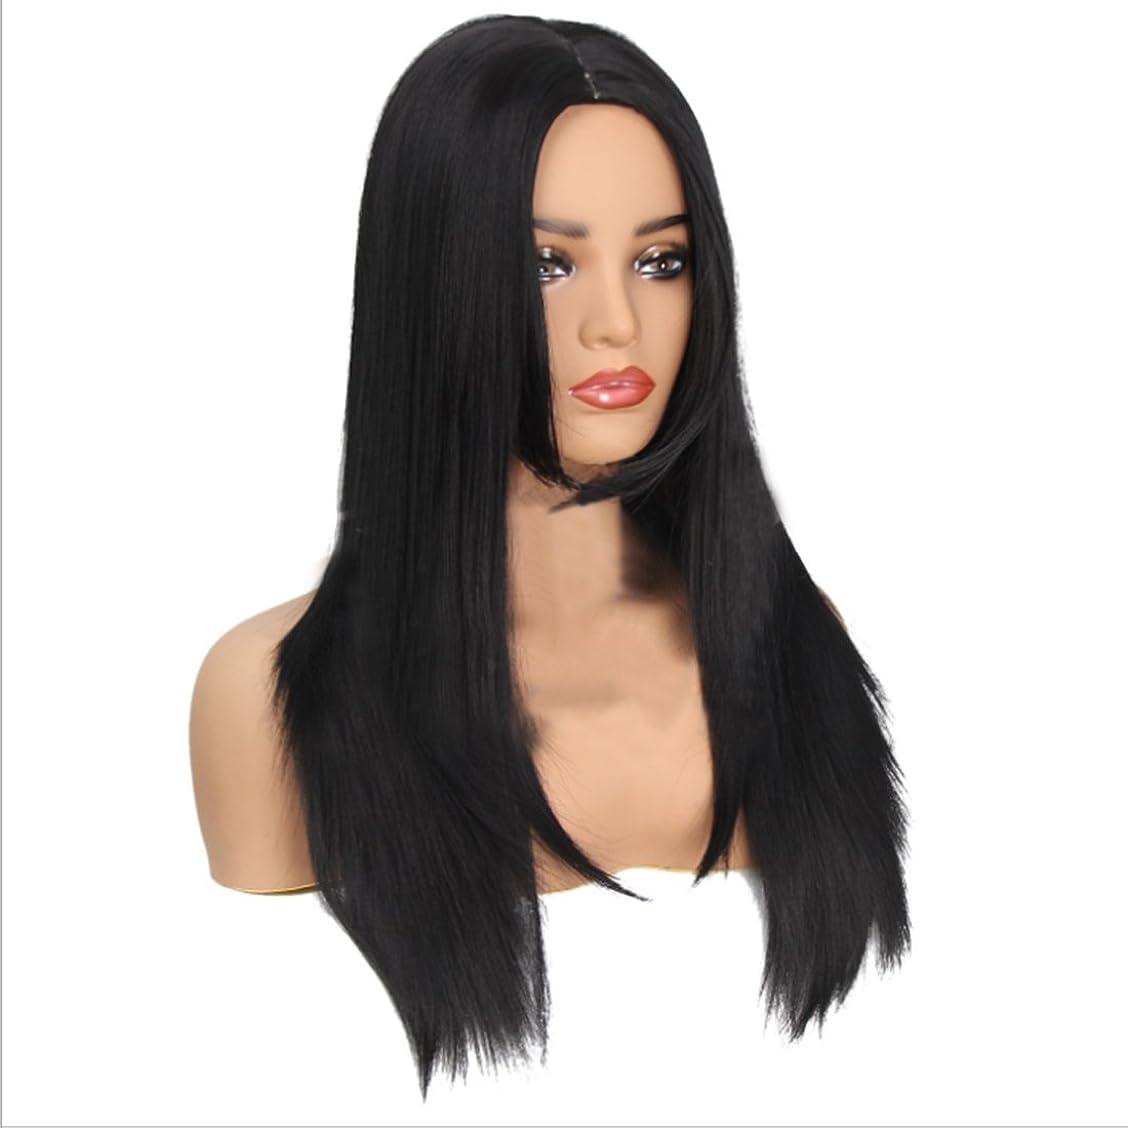 レンド報復する判定Koloeplf 女性 化学繊維 かつら 長い 耐熱 ウィッグ 人格の女性 フルヘア 自然な色 かつら (Color : ブラック)